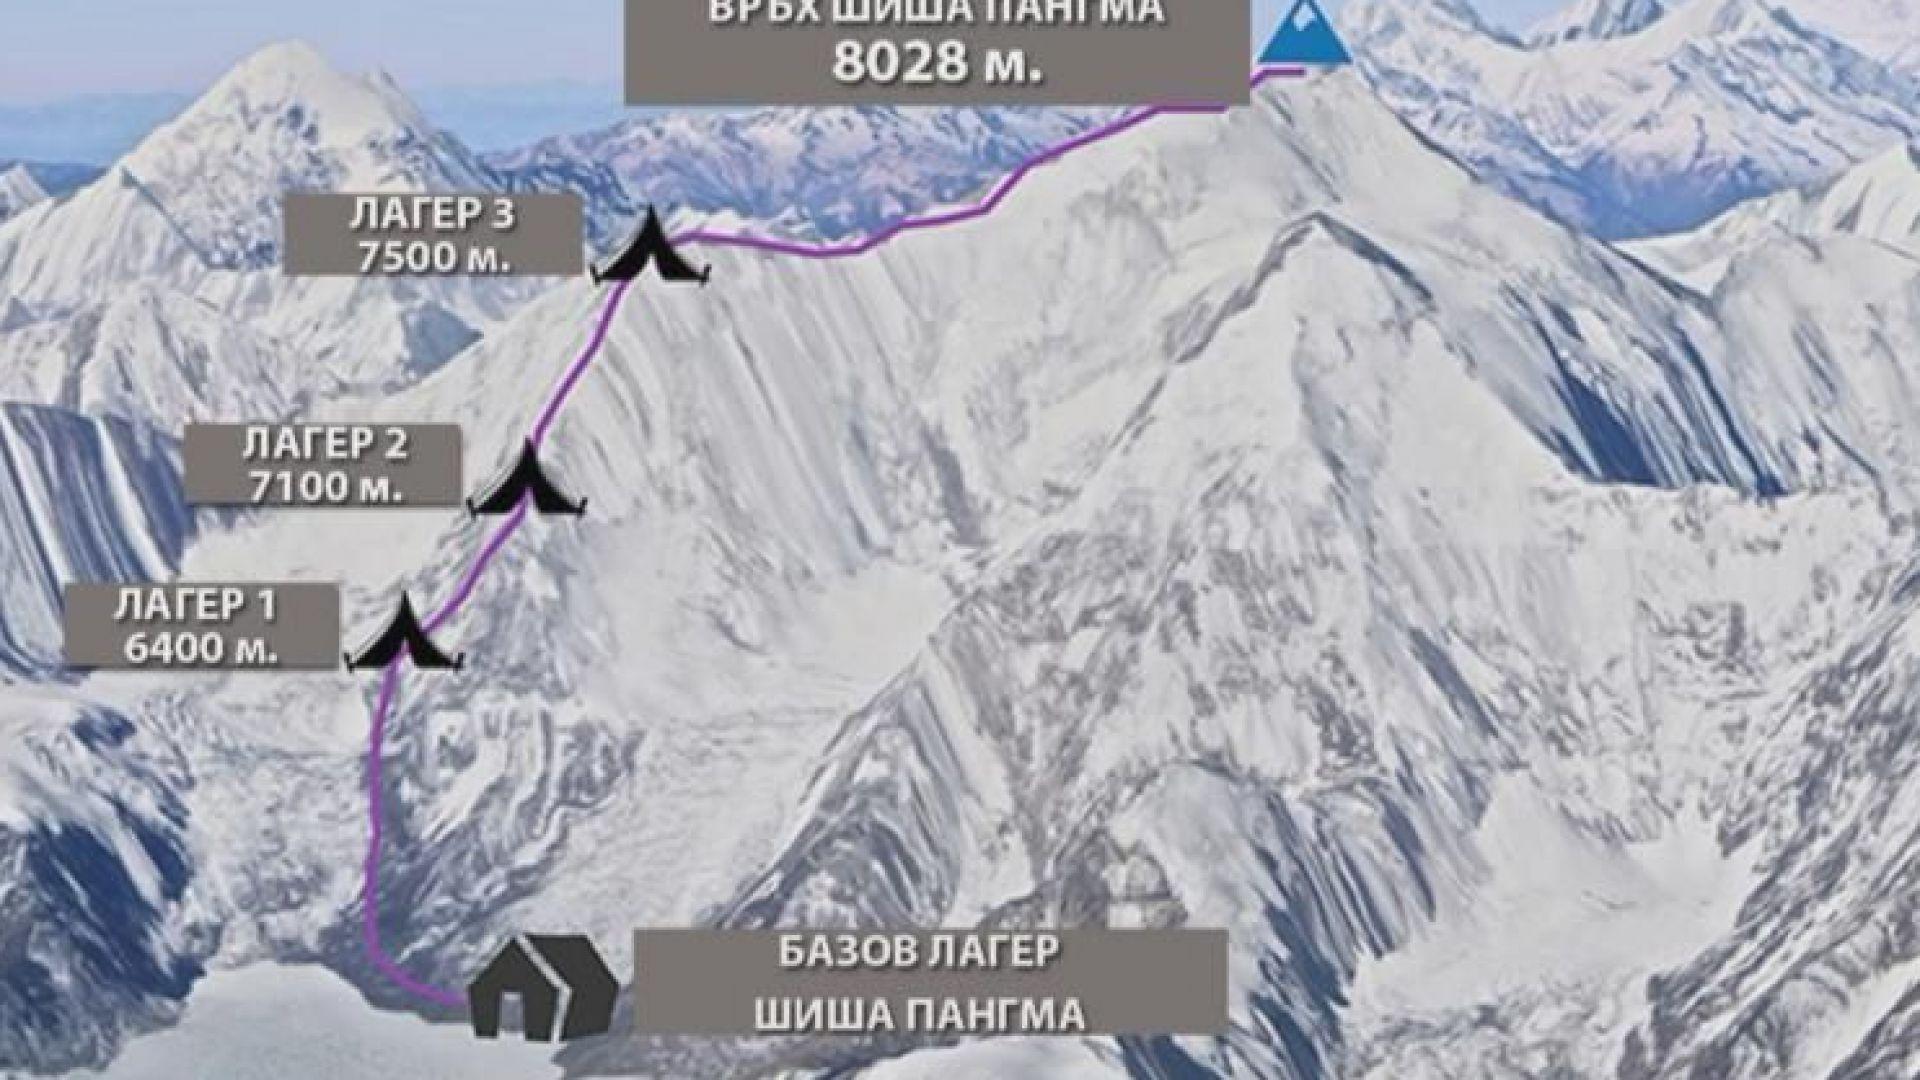 Търсят Боян Петров по въздух и земя под Шиша Пангма